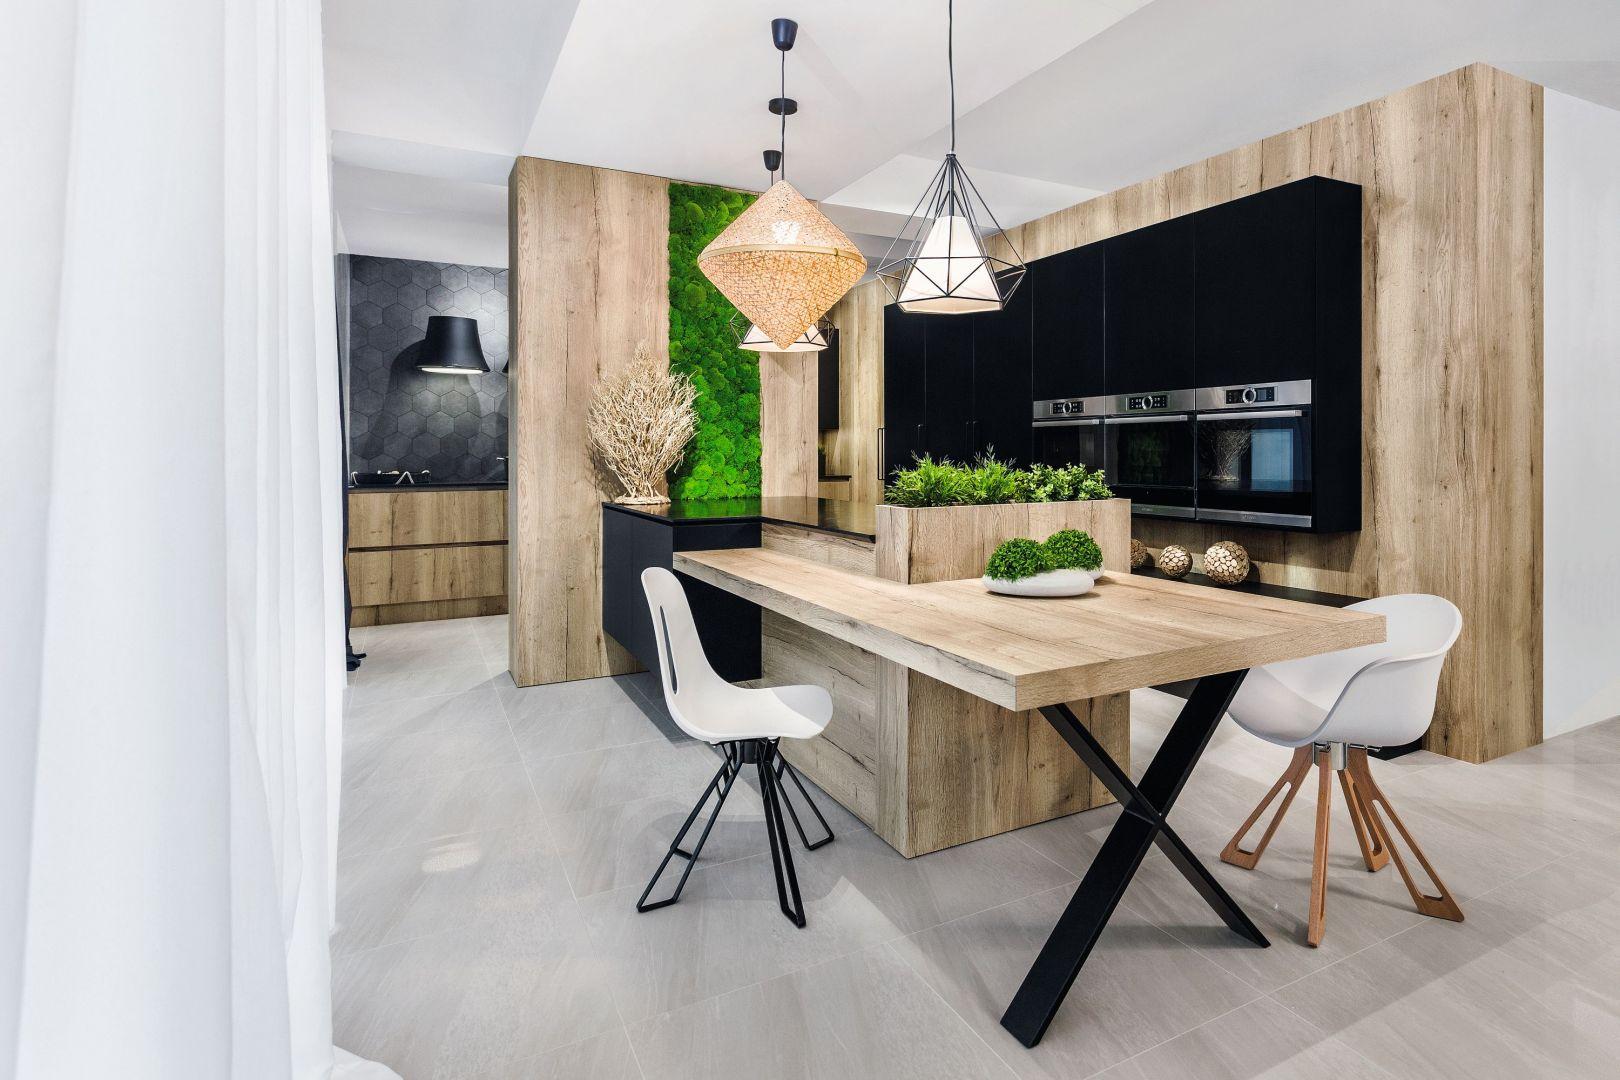 Urządzamy kuchnię z jadalnią. Projekt Meble Vigo. Fot. Artur Krupa